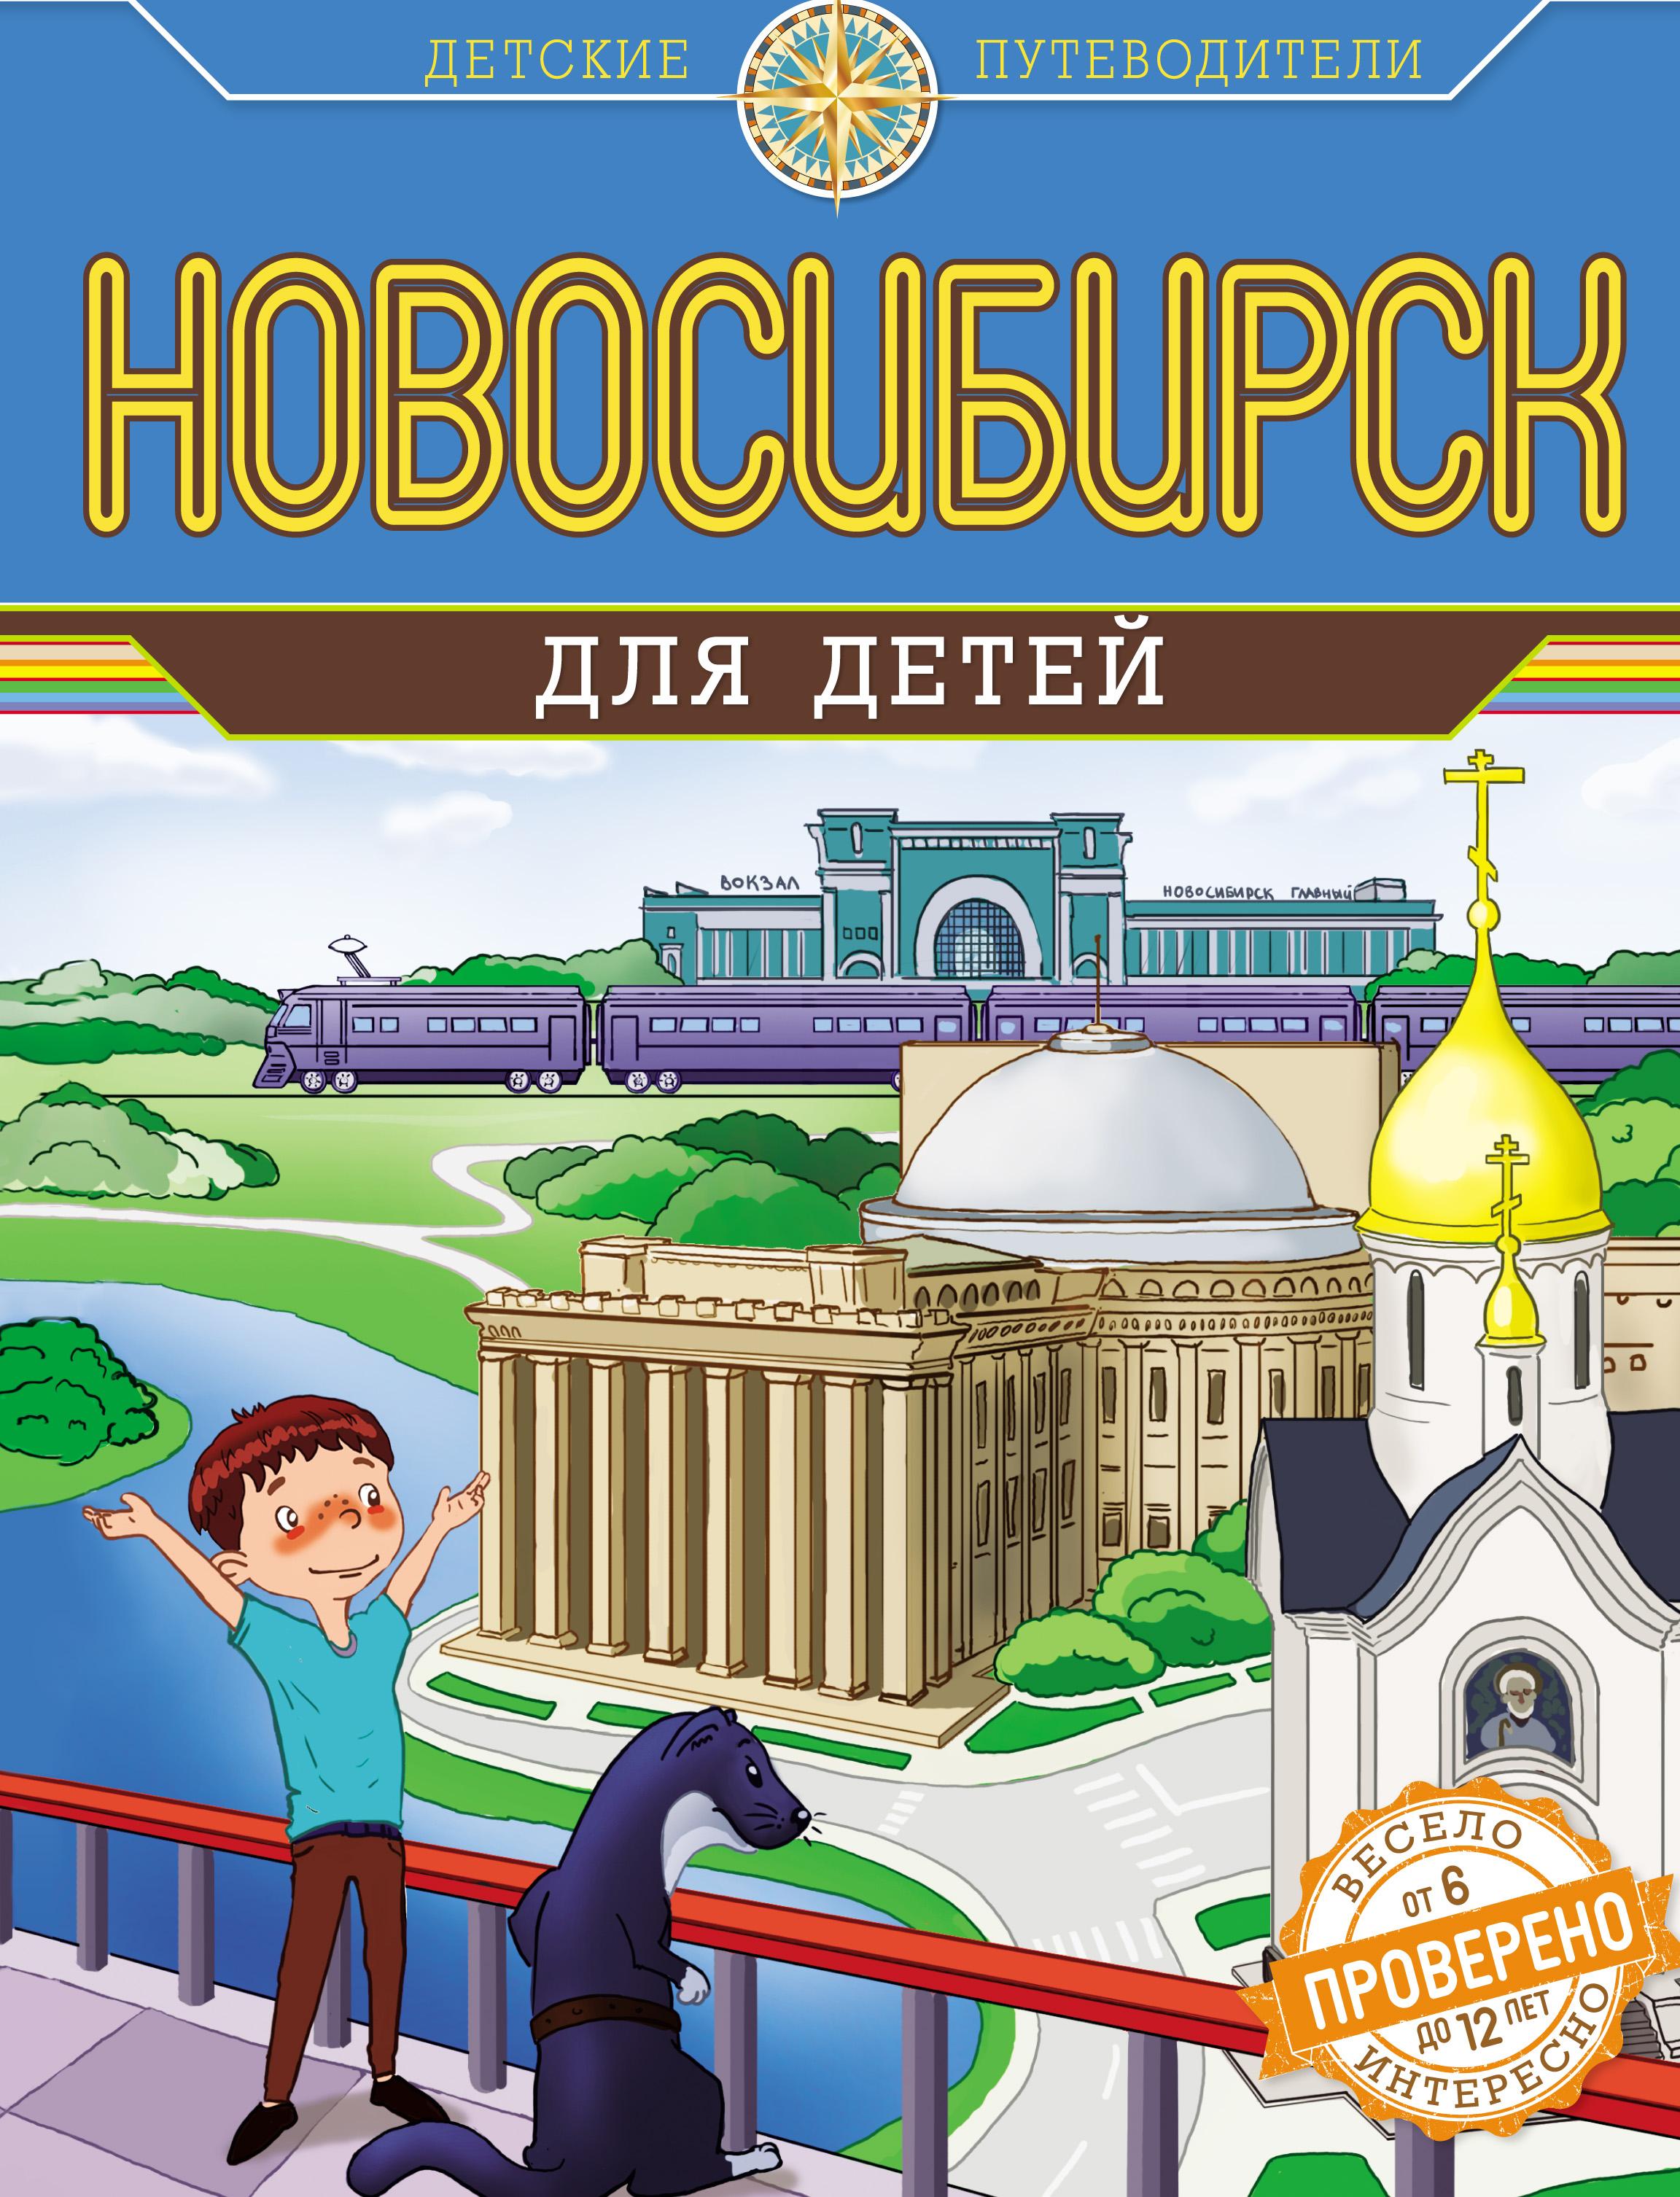 Новосибирск для детей фото